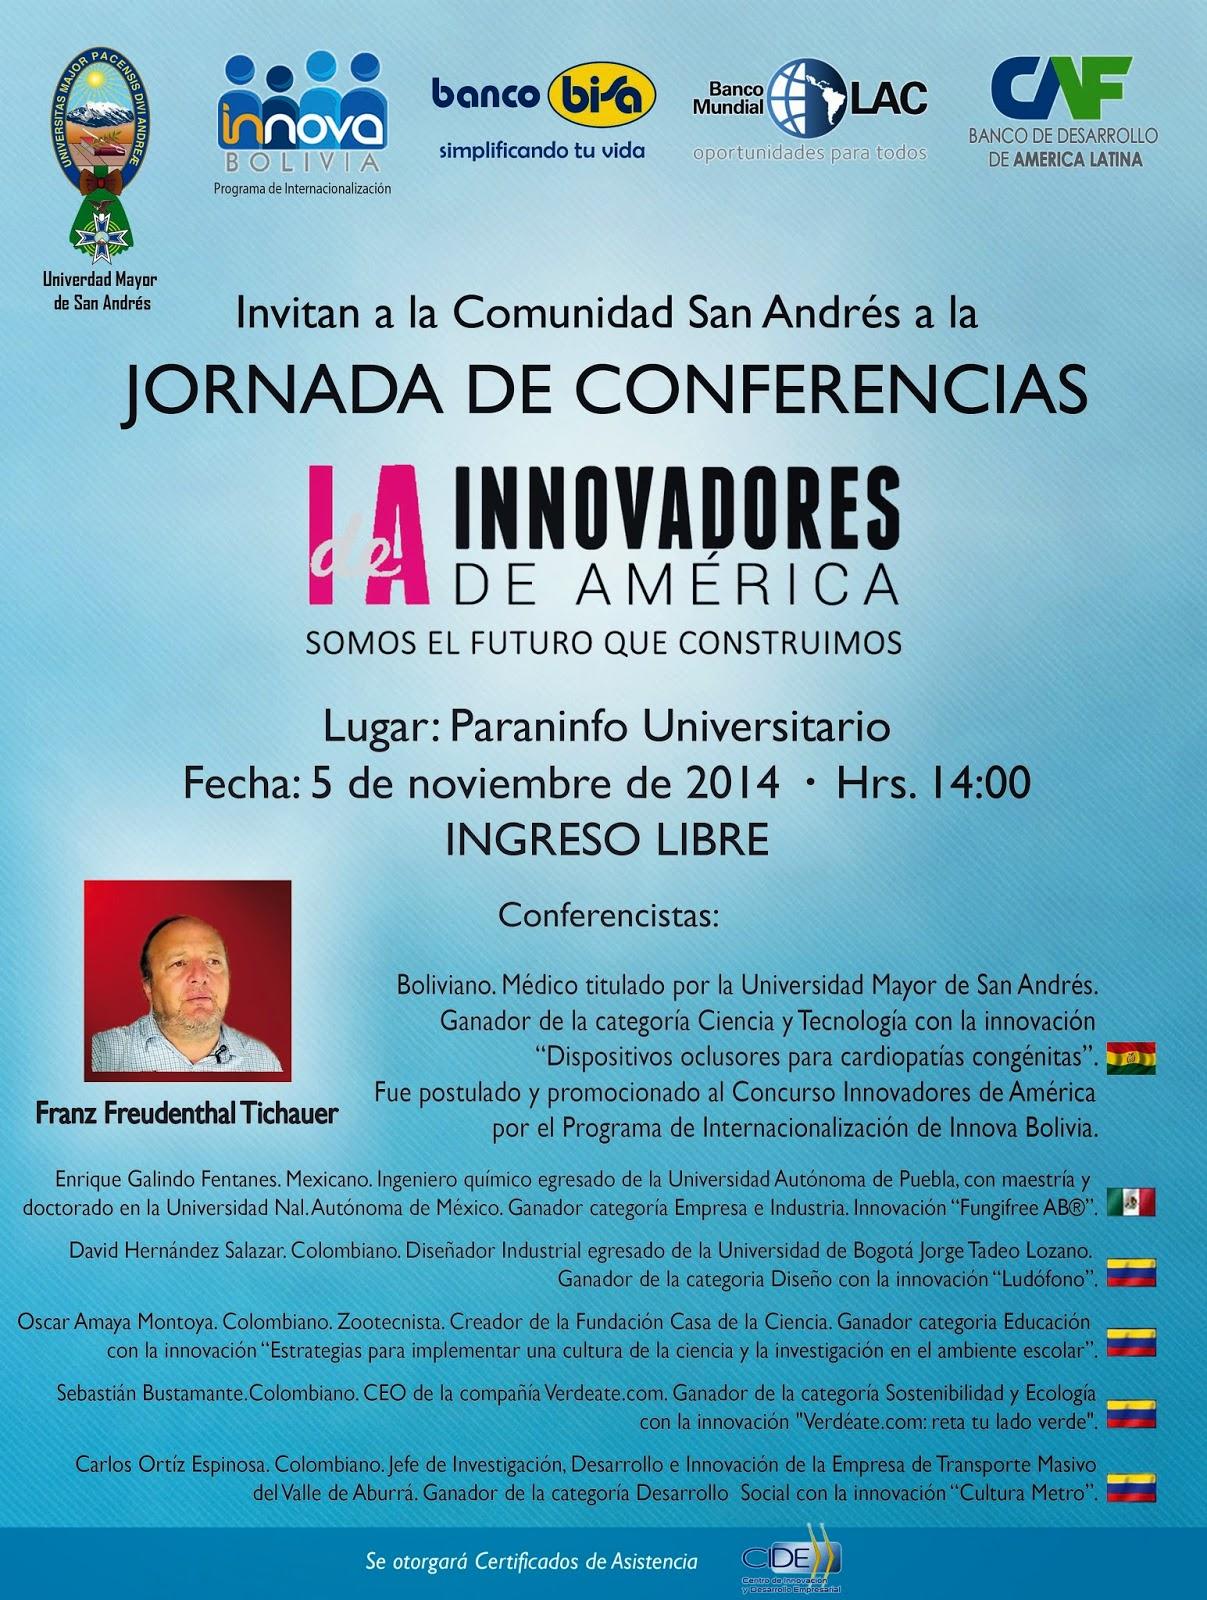 INNOVADORES DE AMÉRICA | NOTICIAS DE UNIVERSIDADES DE BOLIVIA